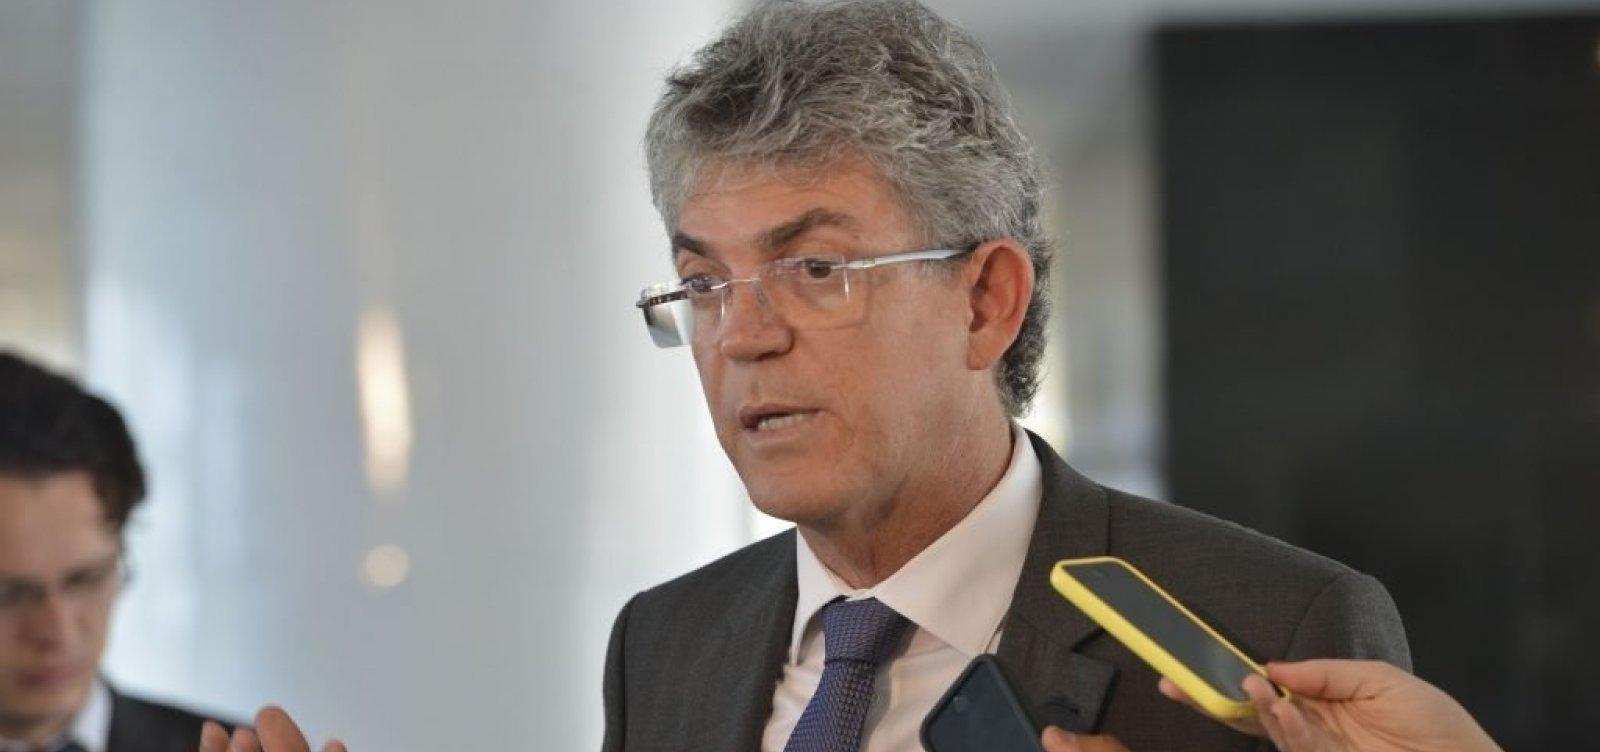 [Delator relata esquema milionário de propina envolvendo ex-governador da Paraíba]